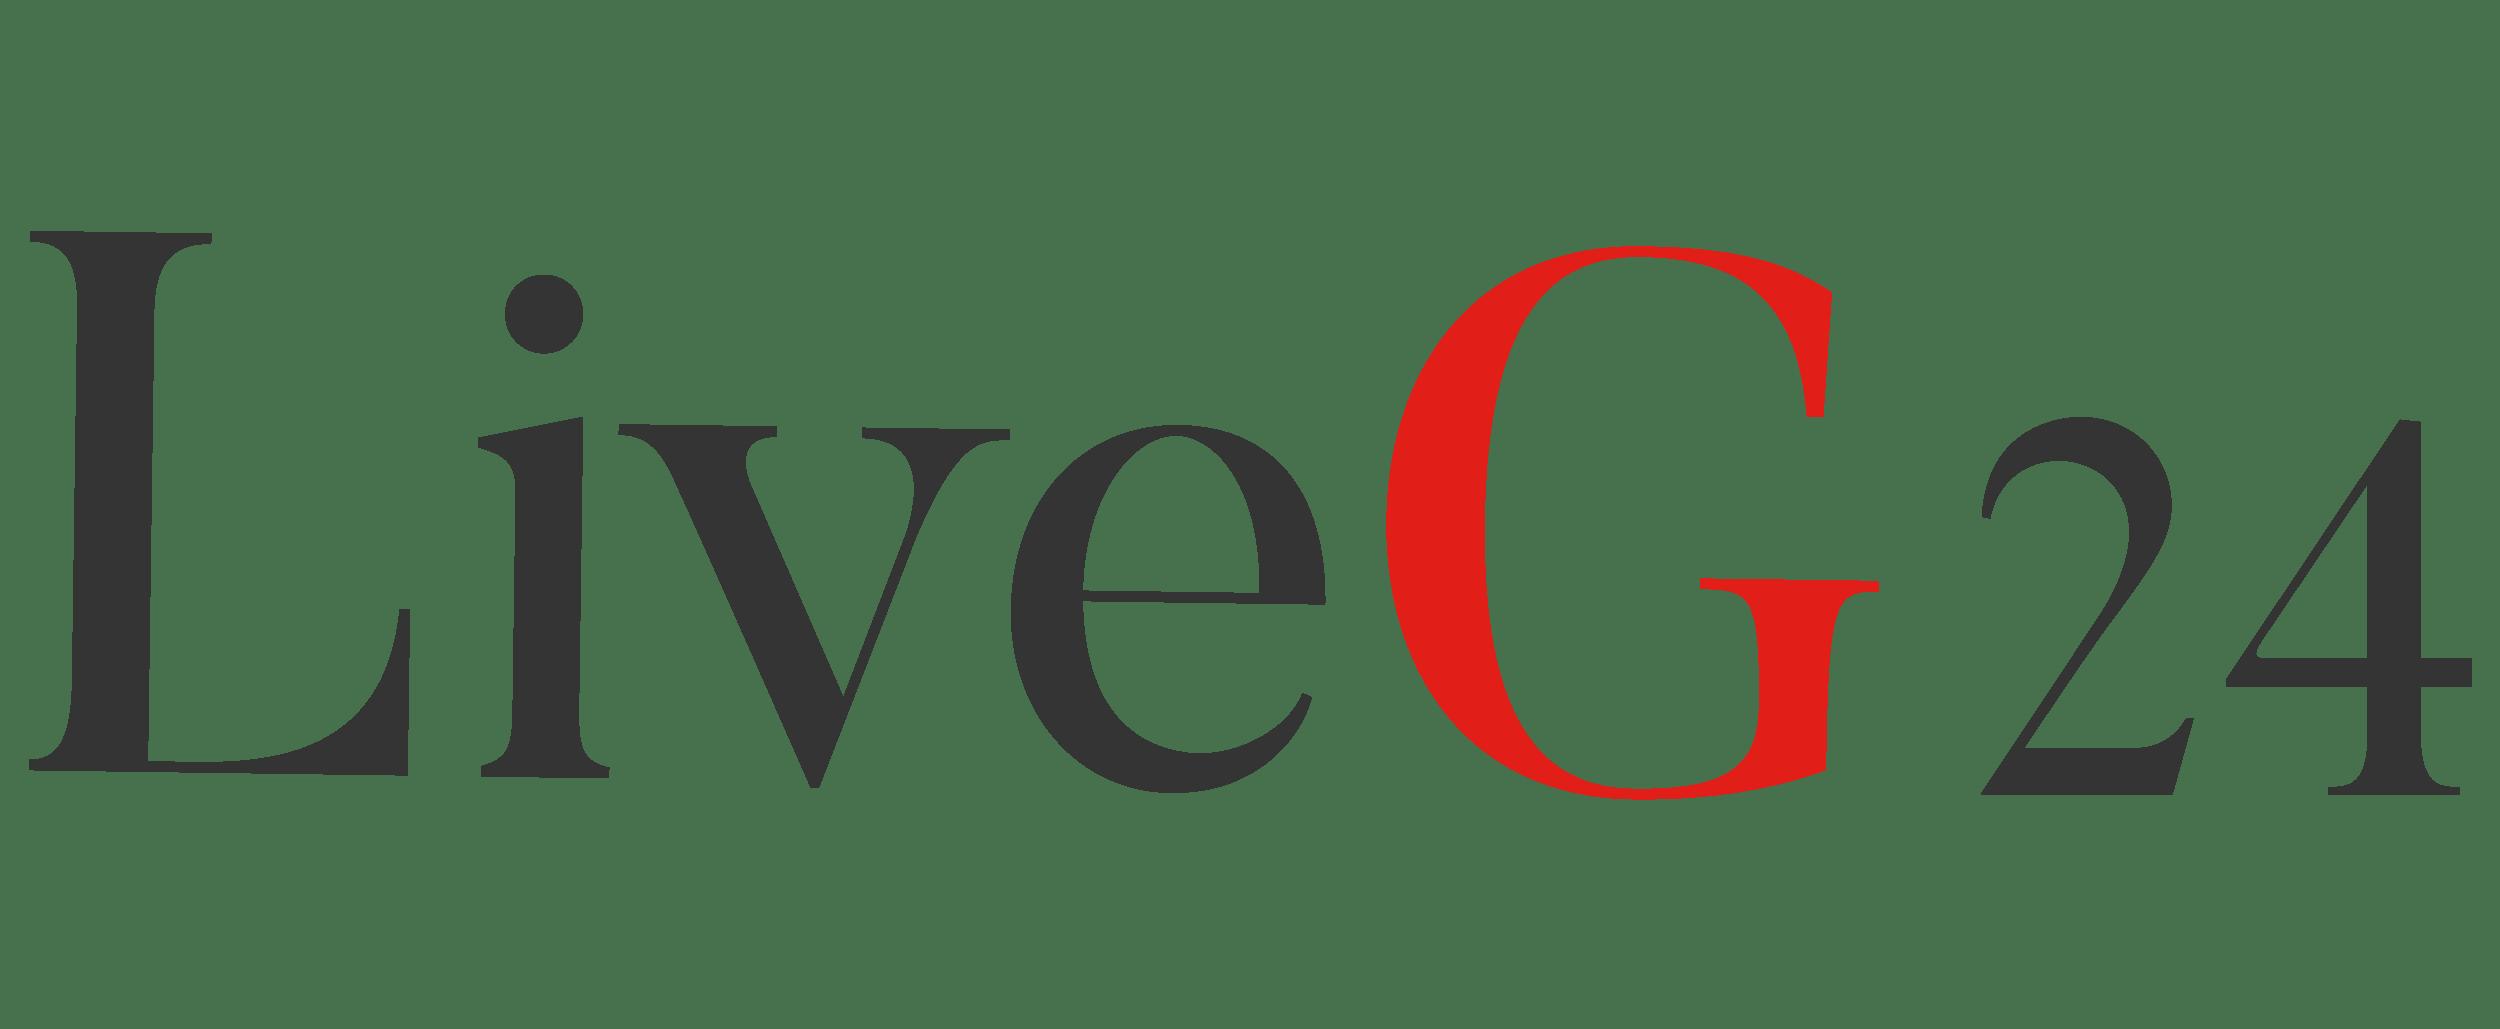 LiveG24 (formerly Medialive Casino)